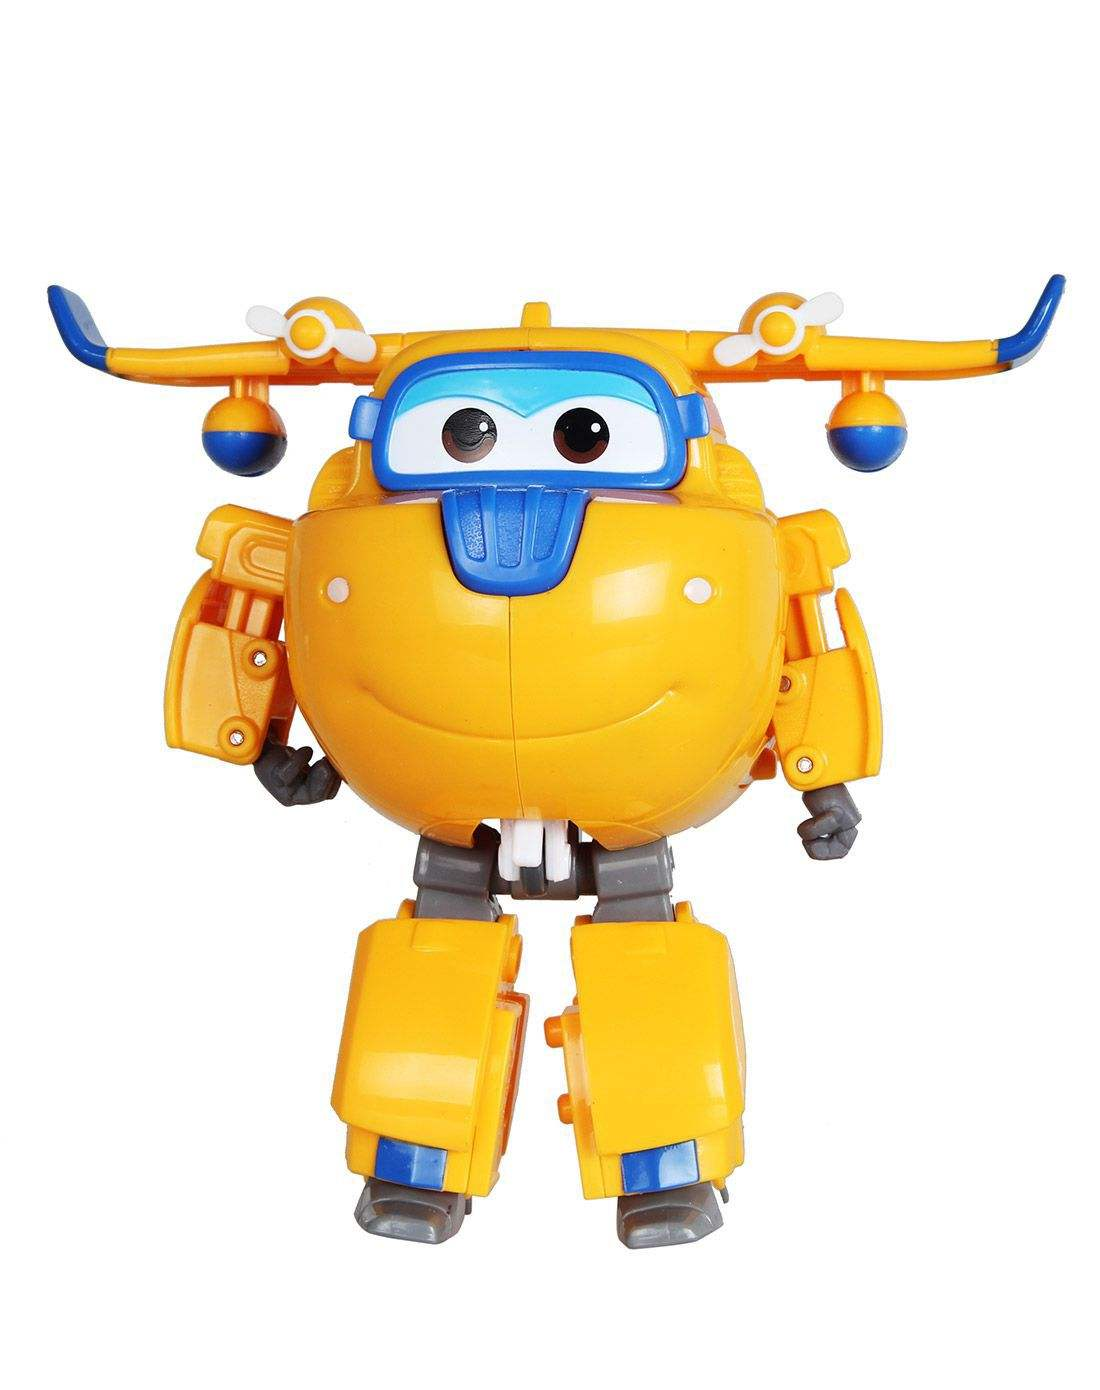 加工注塑嬰幼兒食品級超級飛俠塑膠玩具 (2).jpg